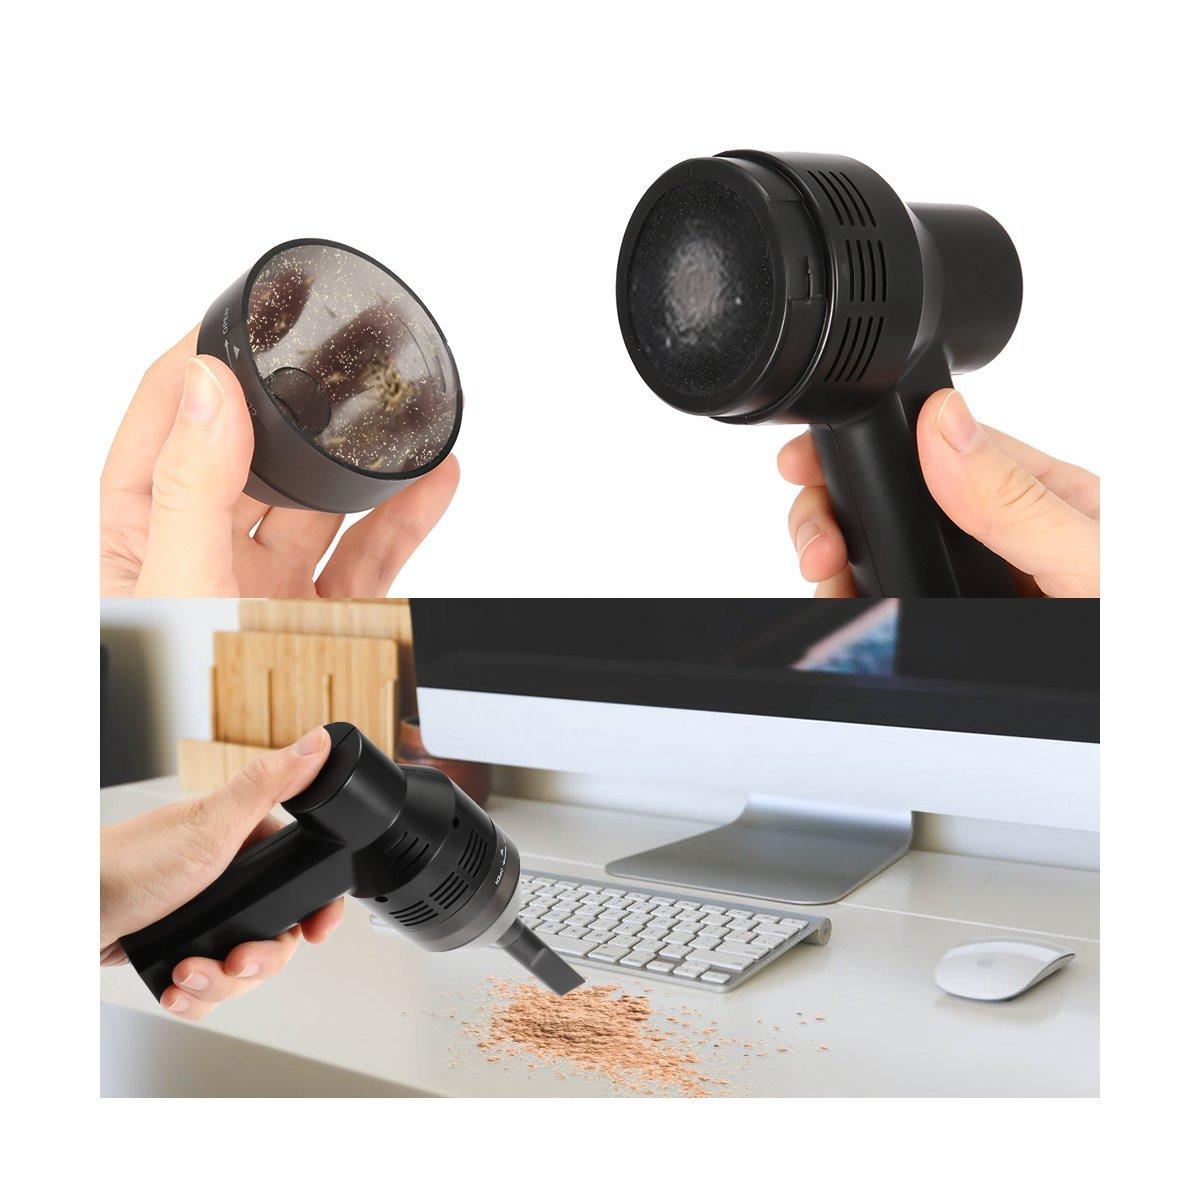 Teclado Aspiradora, Meco Cargador Batería de litio inalámbrica Vacuum Cleaner Portable Mini teclado limpiador, limpiar la brecha para teclado, Laptop, Auto, ...